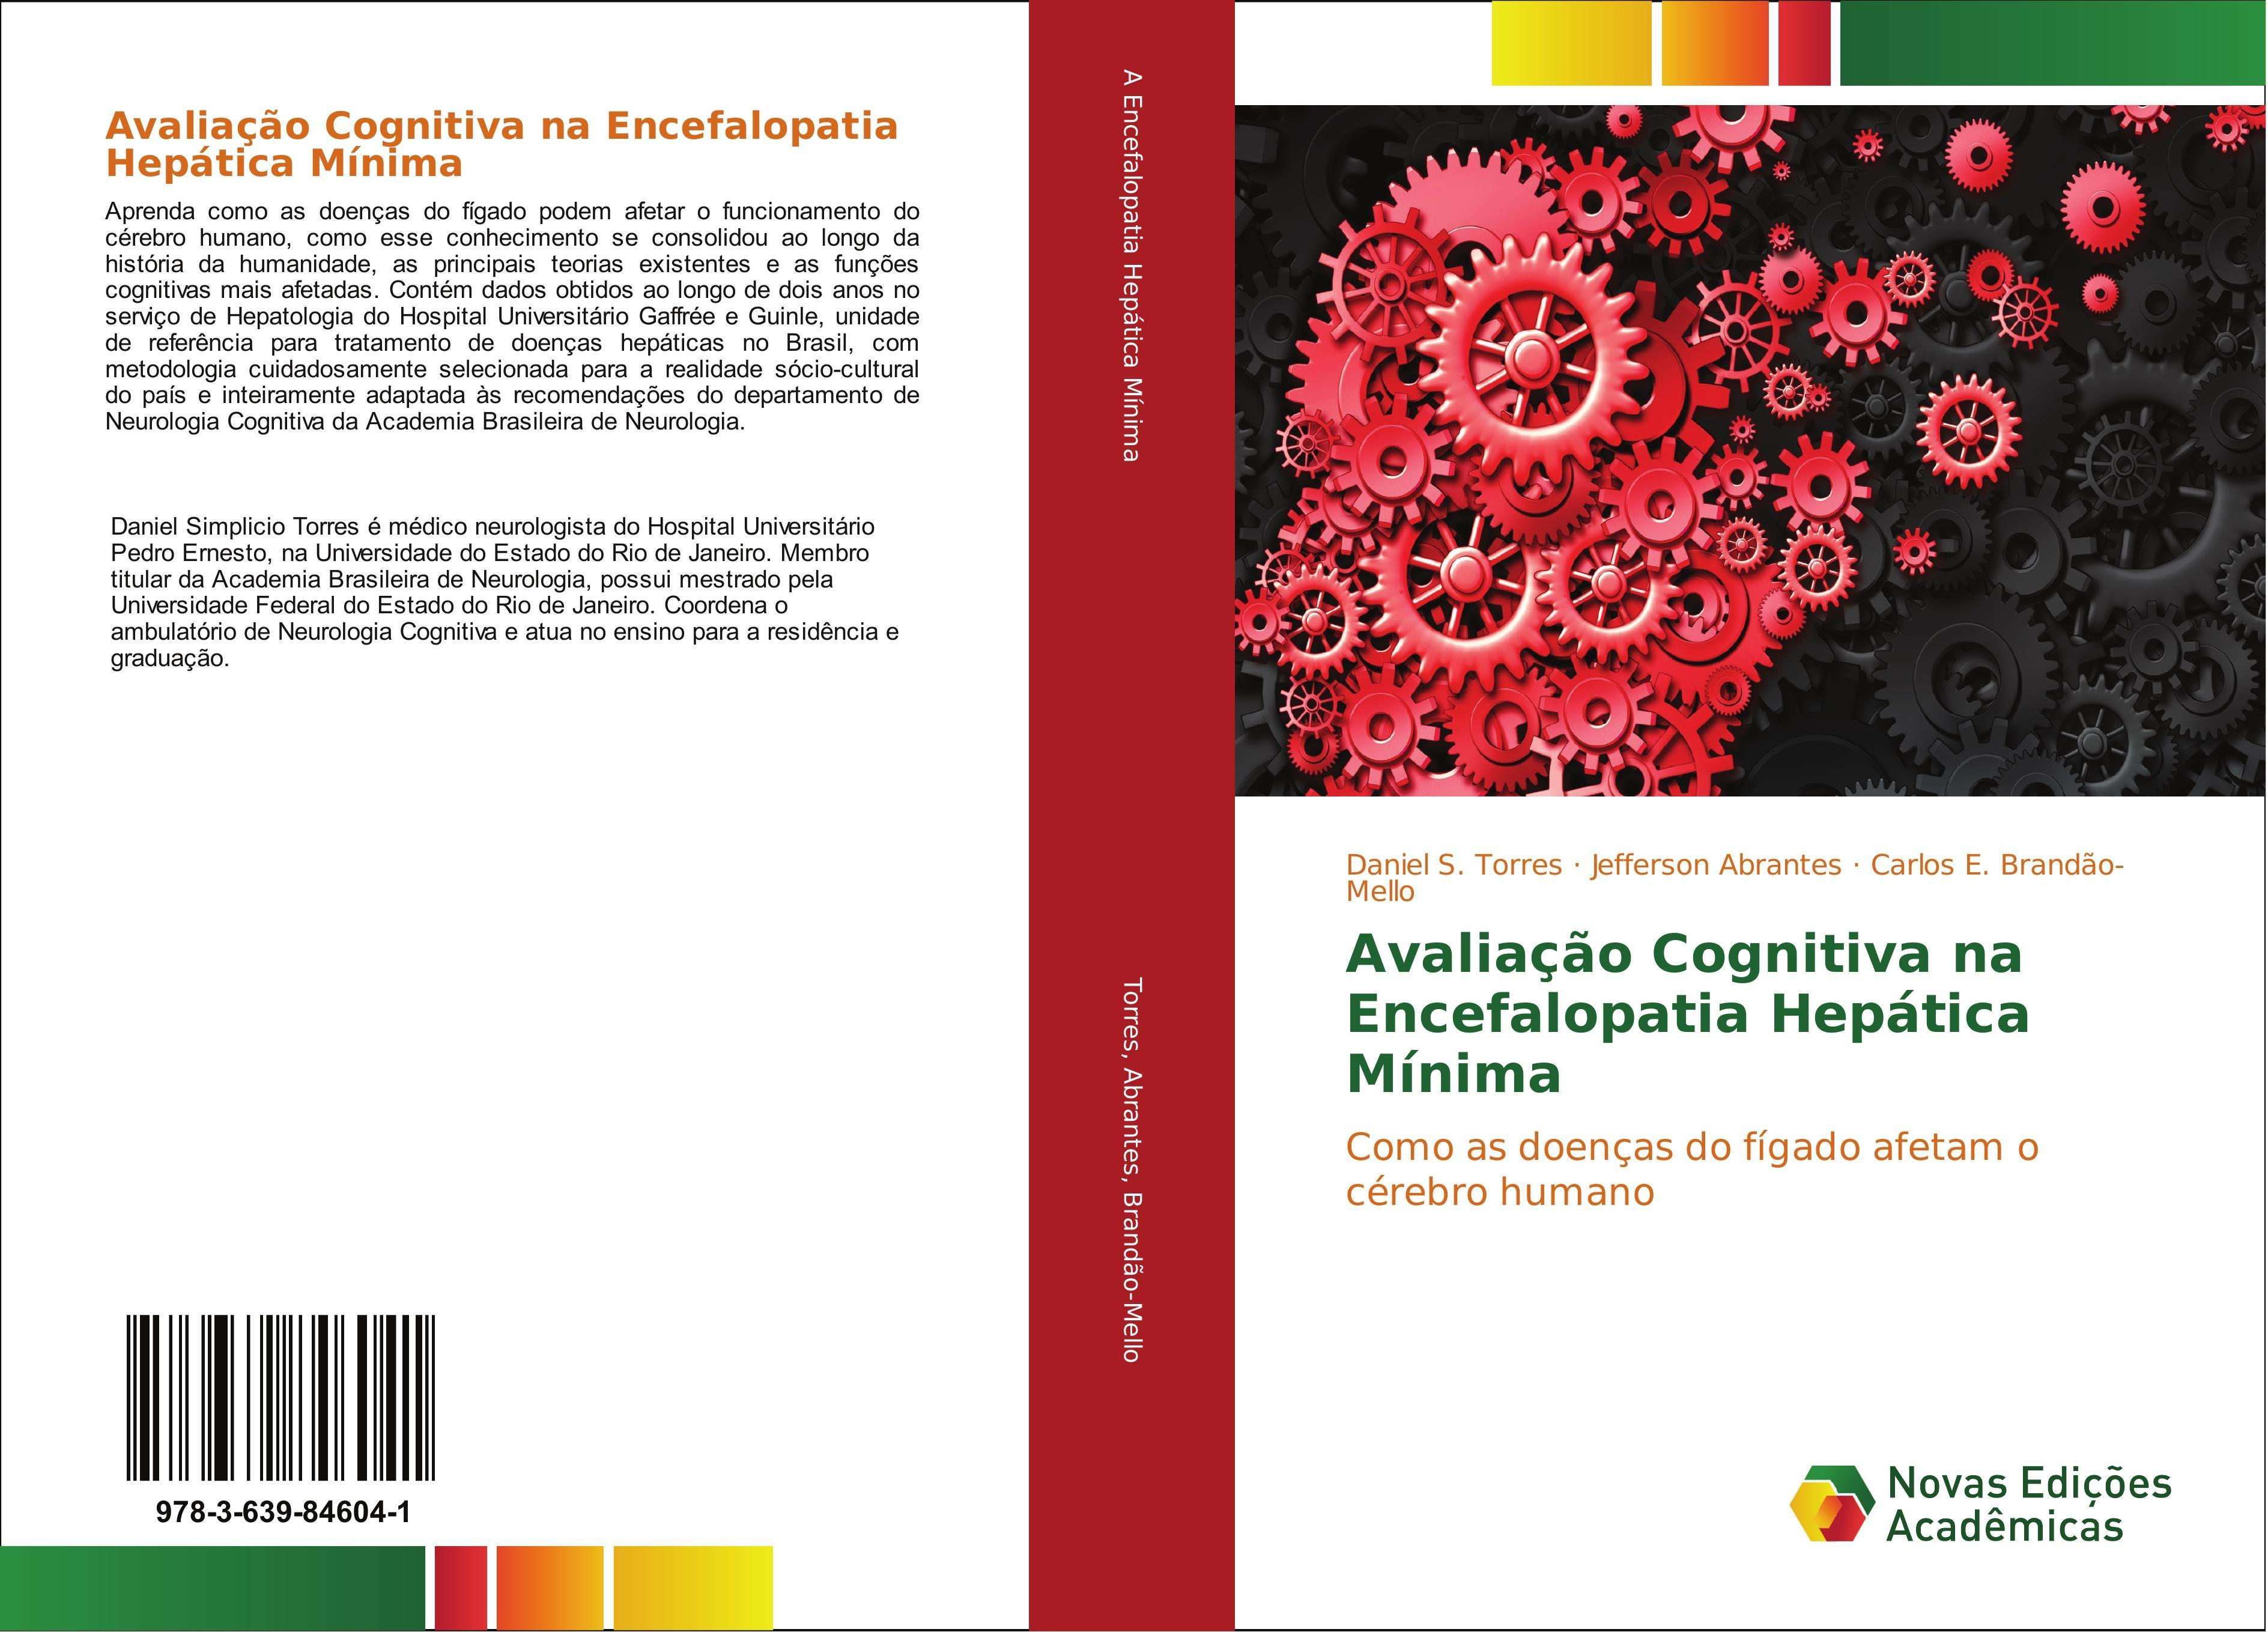 Avaliação Cognitiva na Encefalopatia Hepática Mínima | Danie ... 9783639846041